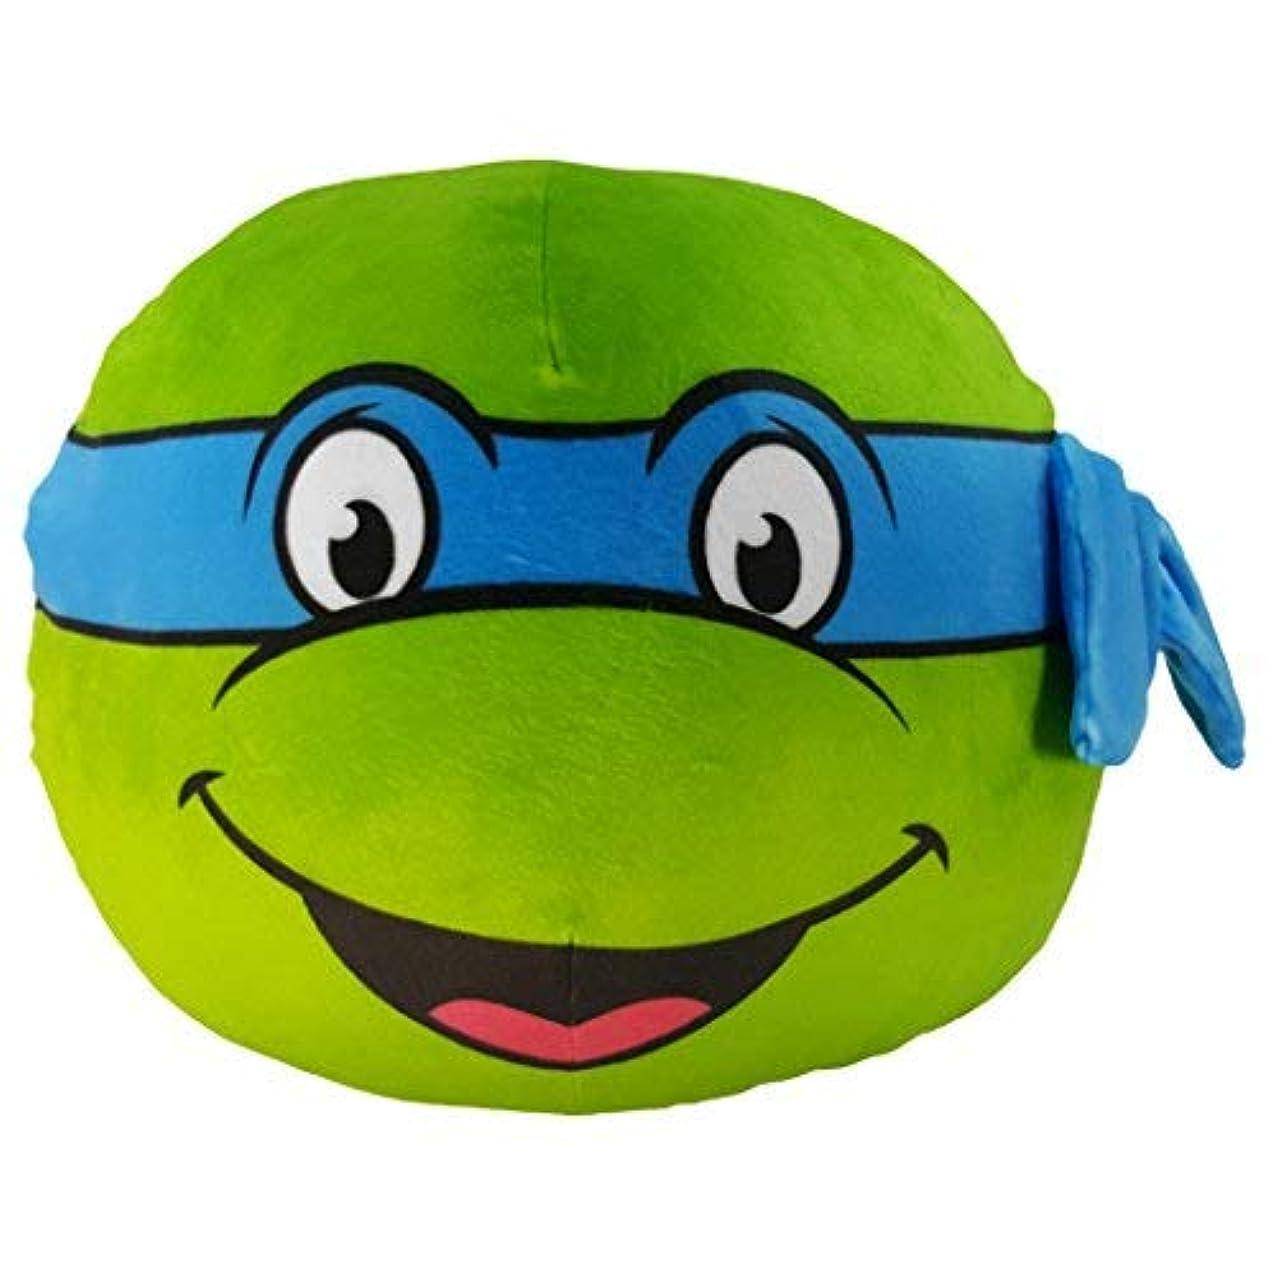 ボス作詞家カードTeenage Mutant Ninja Turtles Leo 3D Ultra Stretch Cloud Pillow, 11